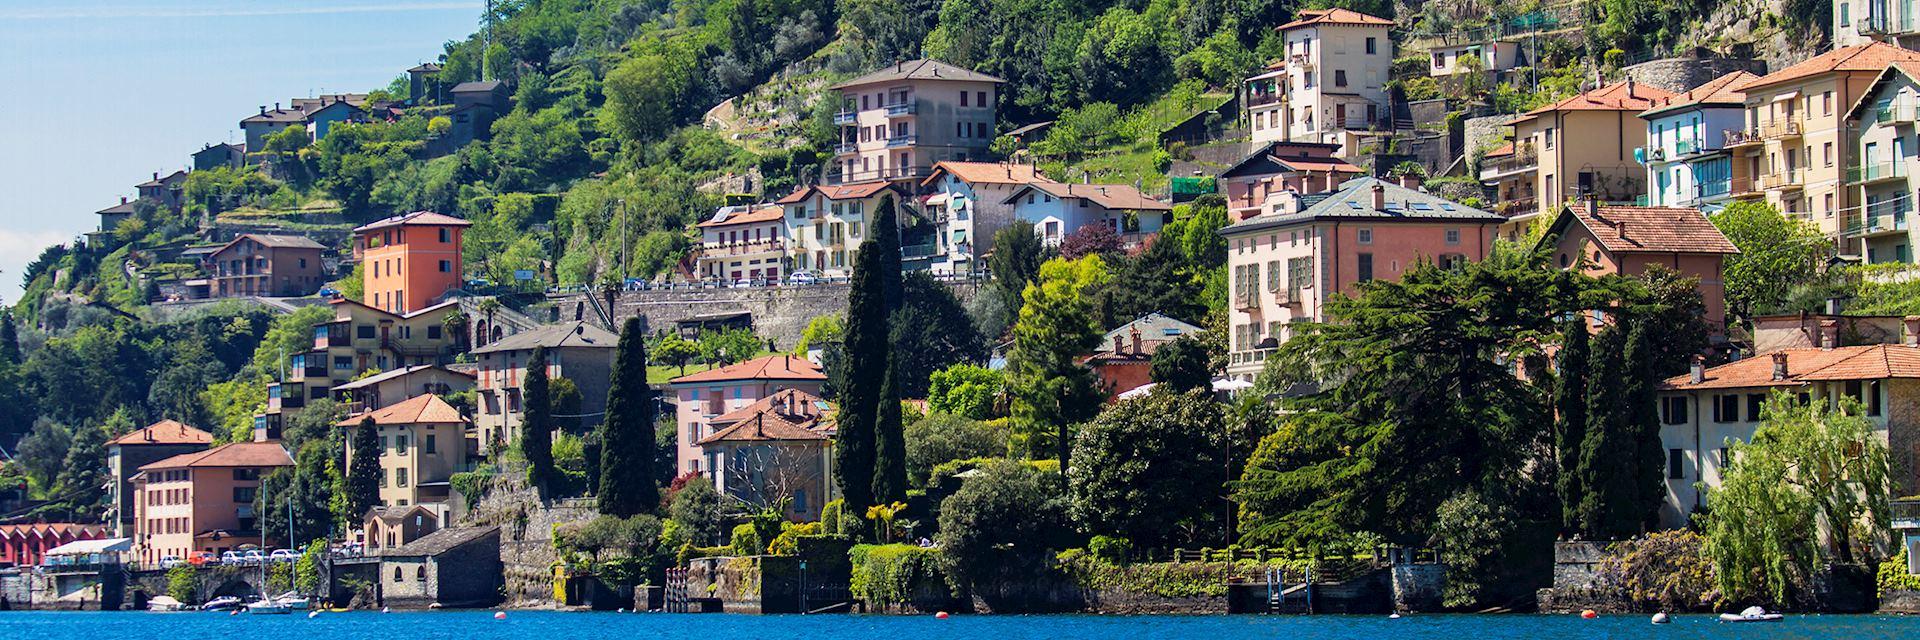 Laglio, Italy